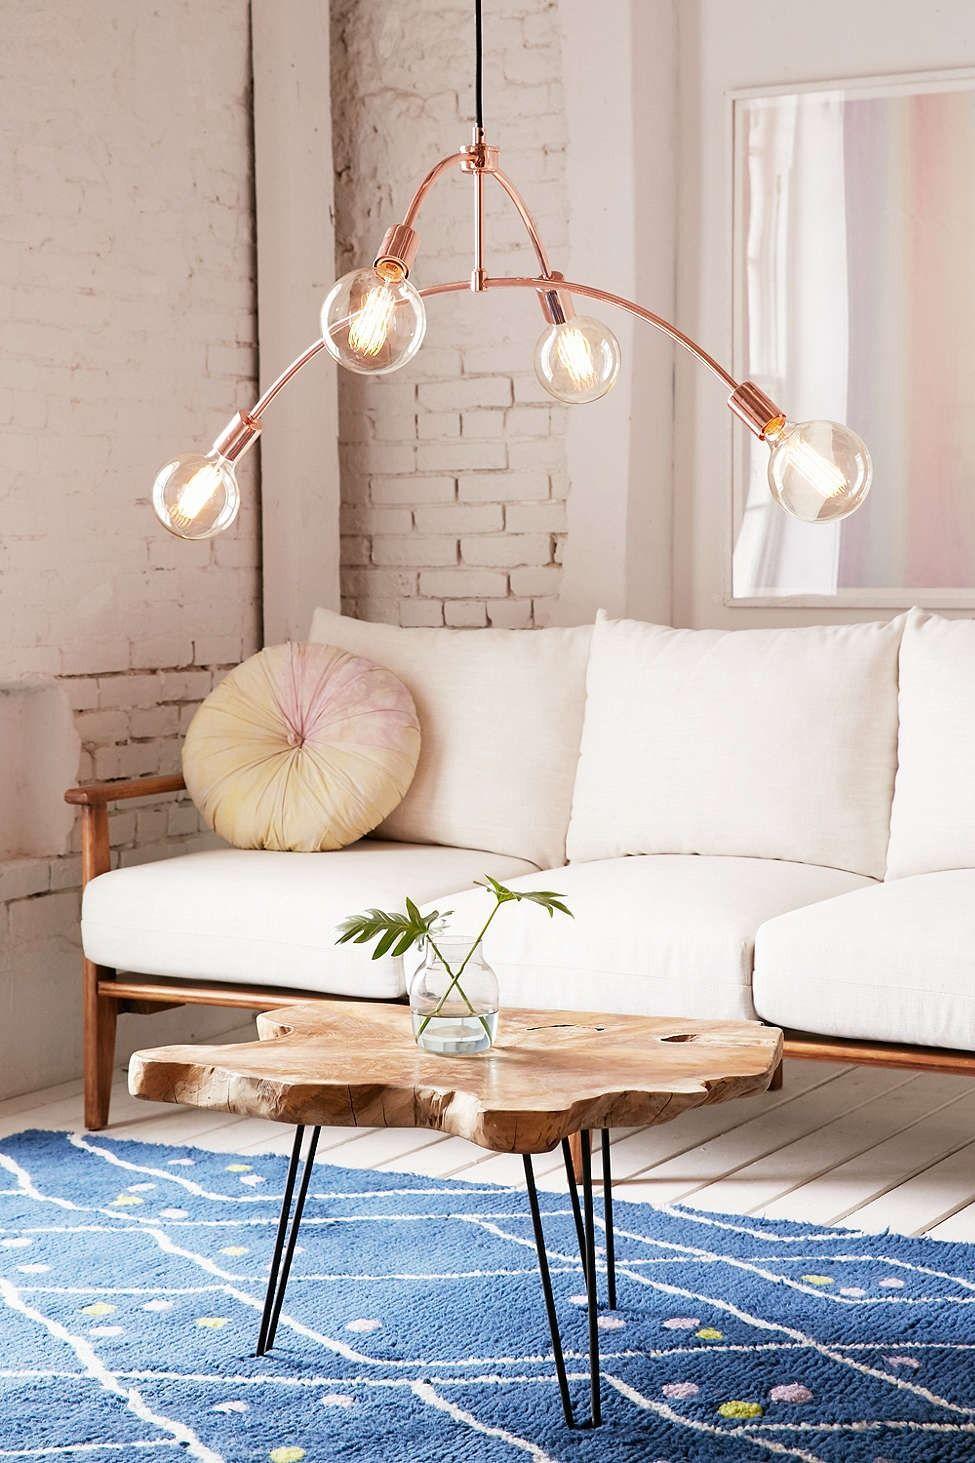 Wohnzimmer spiegelmöbel freja pendant light  roooooomsss  pinterest  haus wohnen und